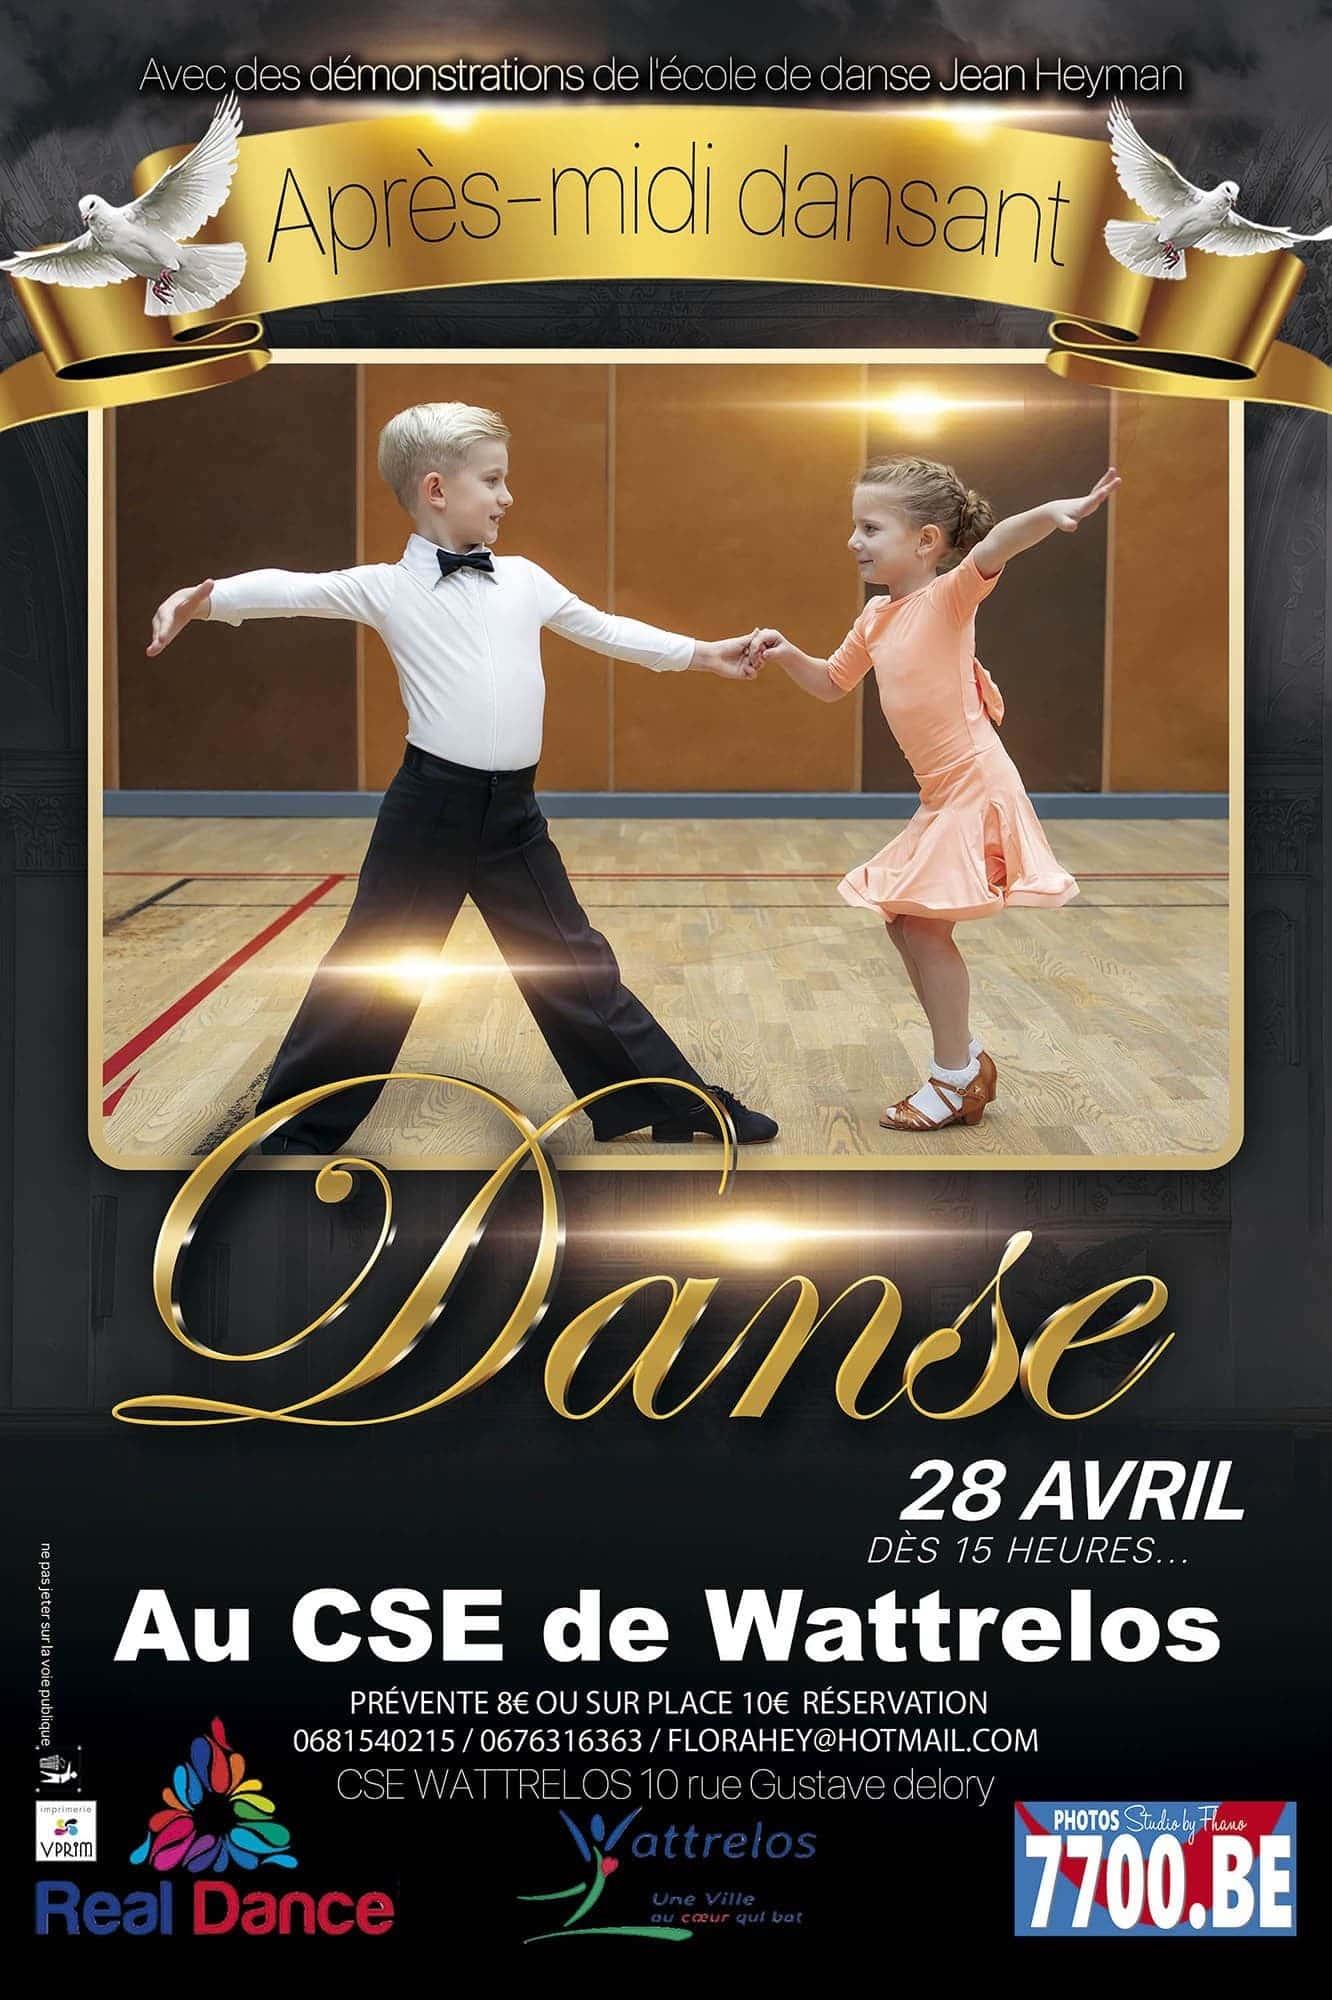 L'évènement de l'après-midi dansant au CSE Wattrelos avec l'école de danse Jean Heyman capturé en images par le Studio 7700.BE